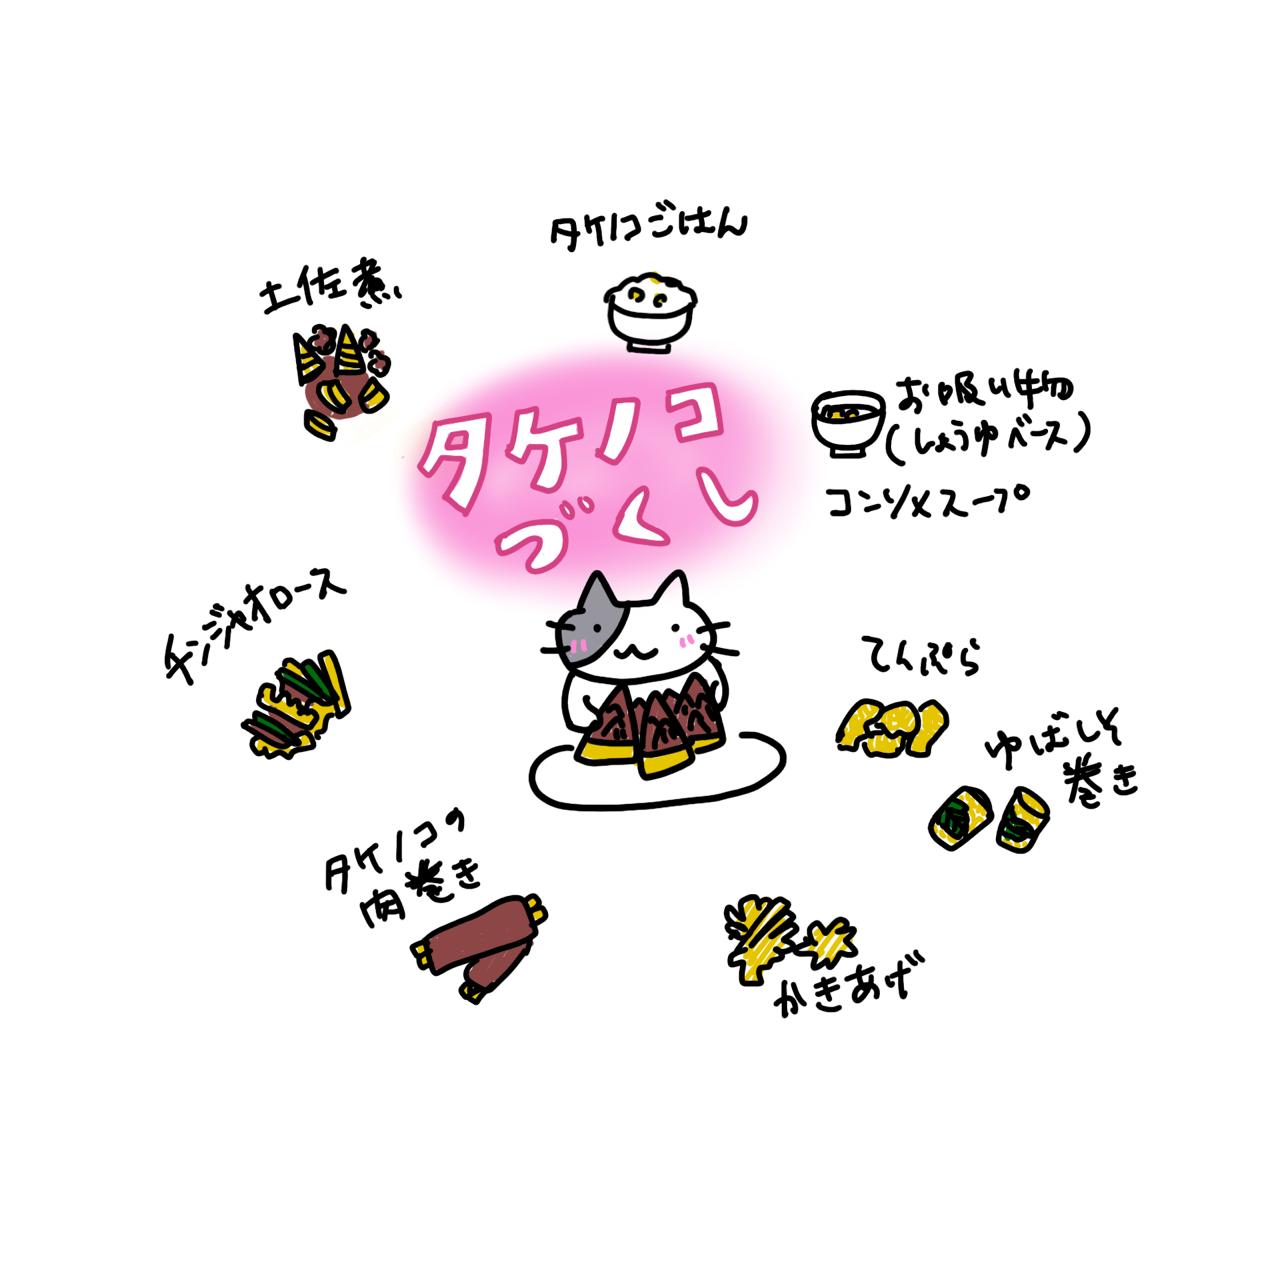 タケノコづくしpuchikananote